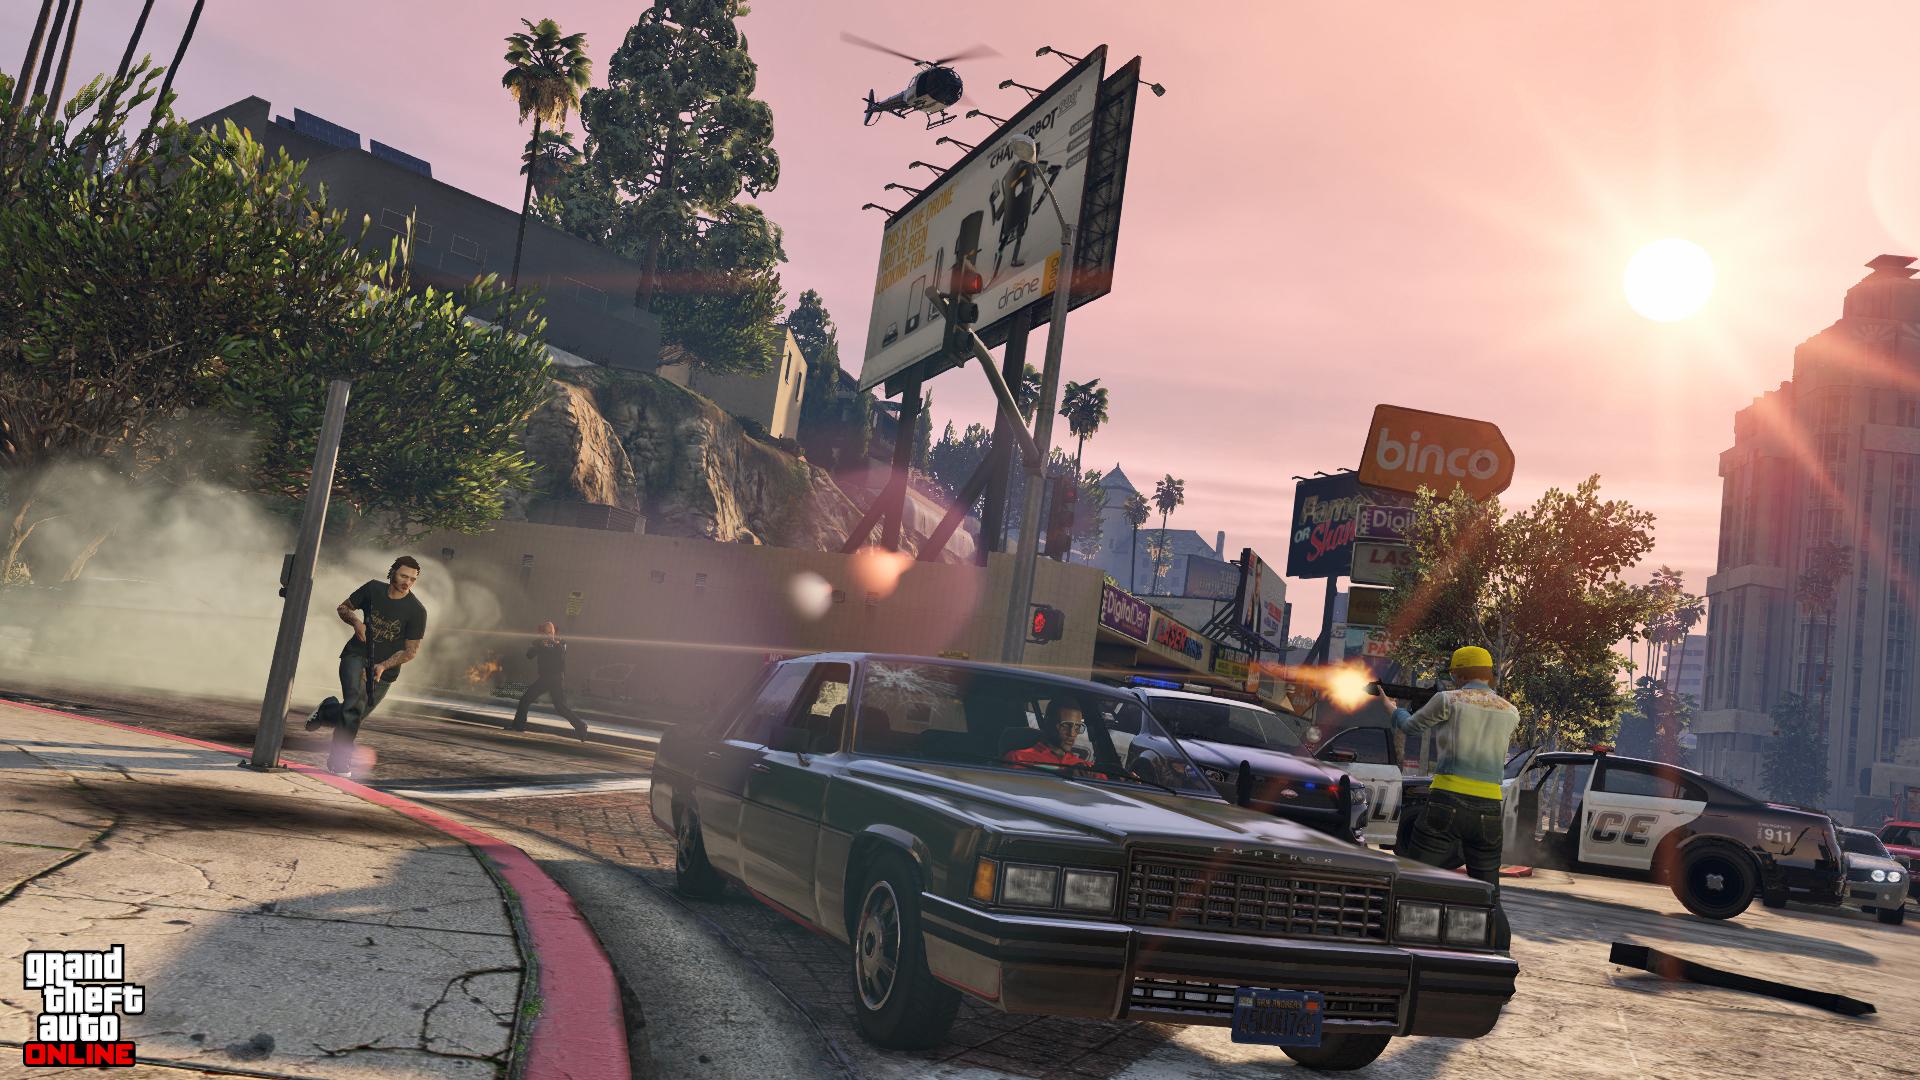 GTA 5 Online: Heist-Glitch entfernt – Spieler drohen mit Cheats und Deinstallation